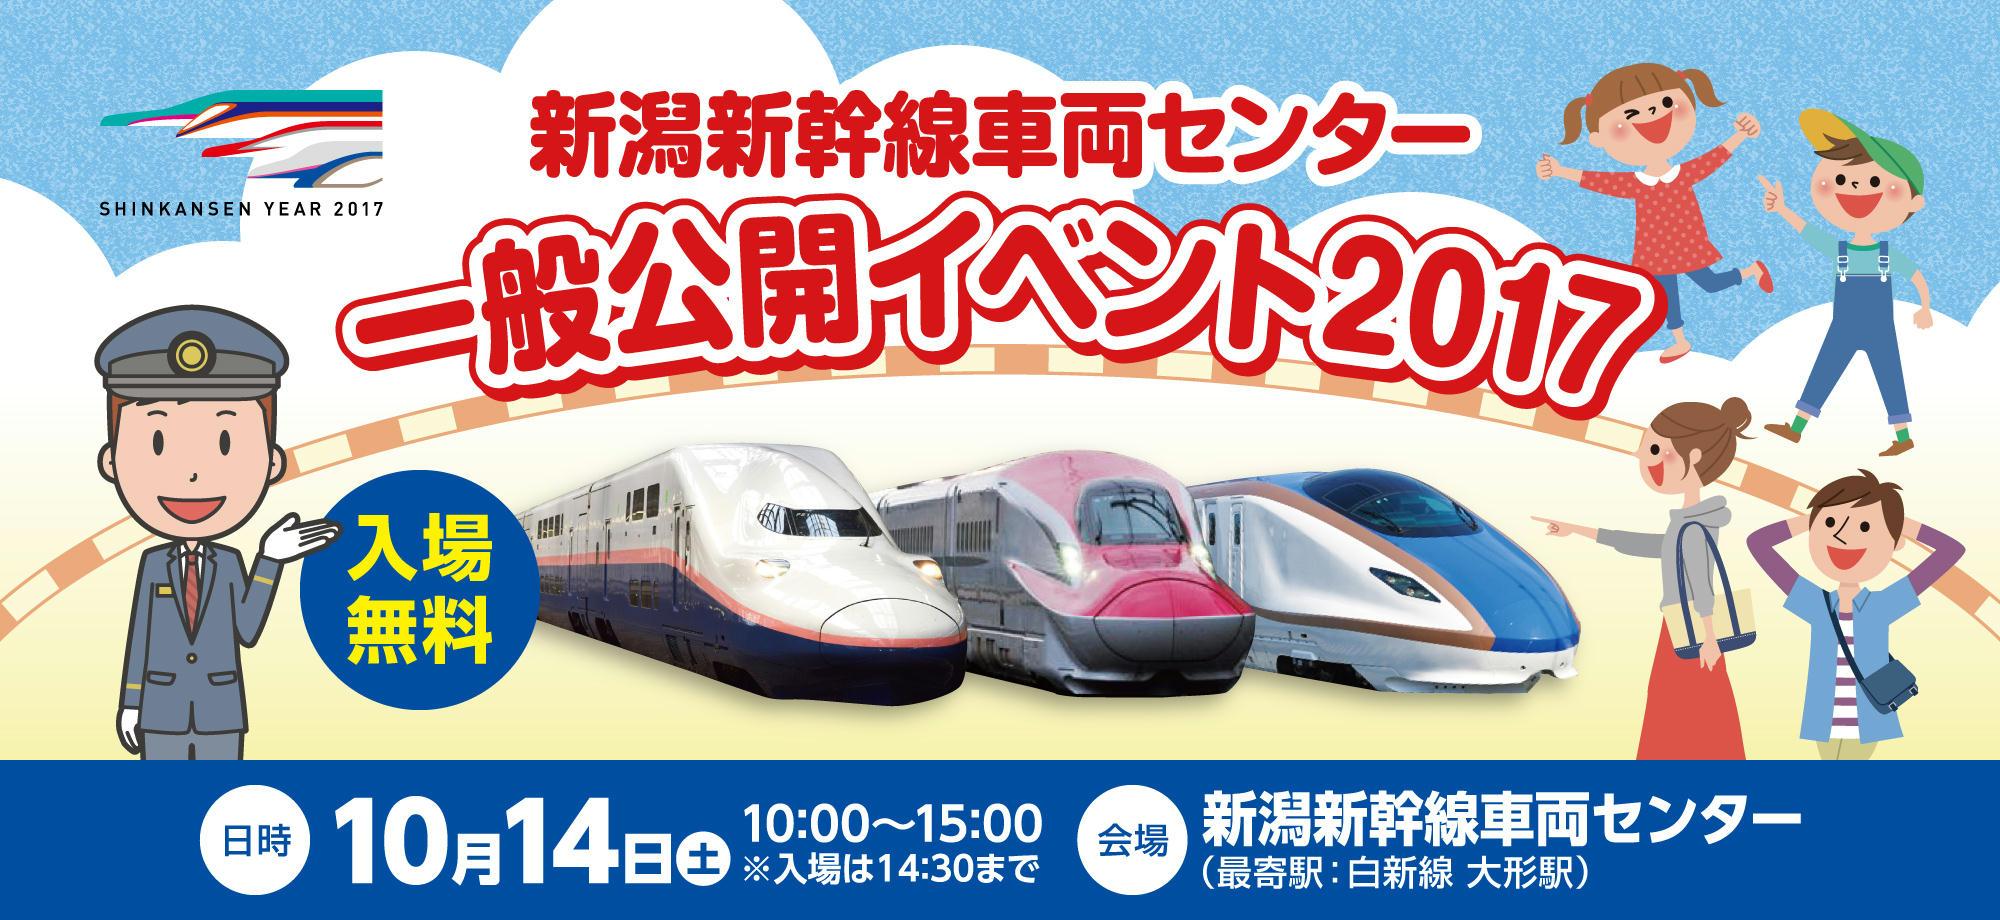 新潟新幹線車両センター 一般公開イベント(イメージ)